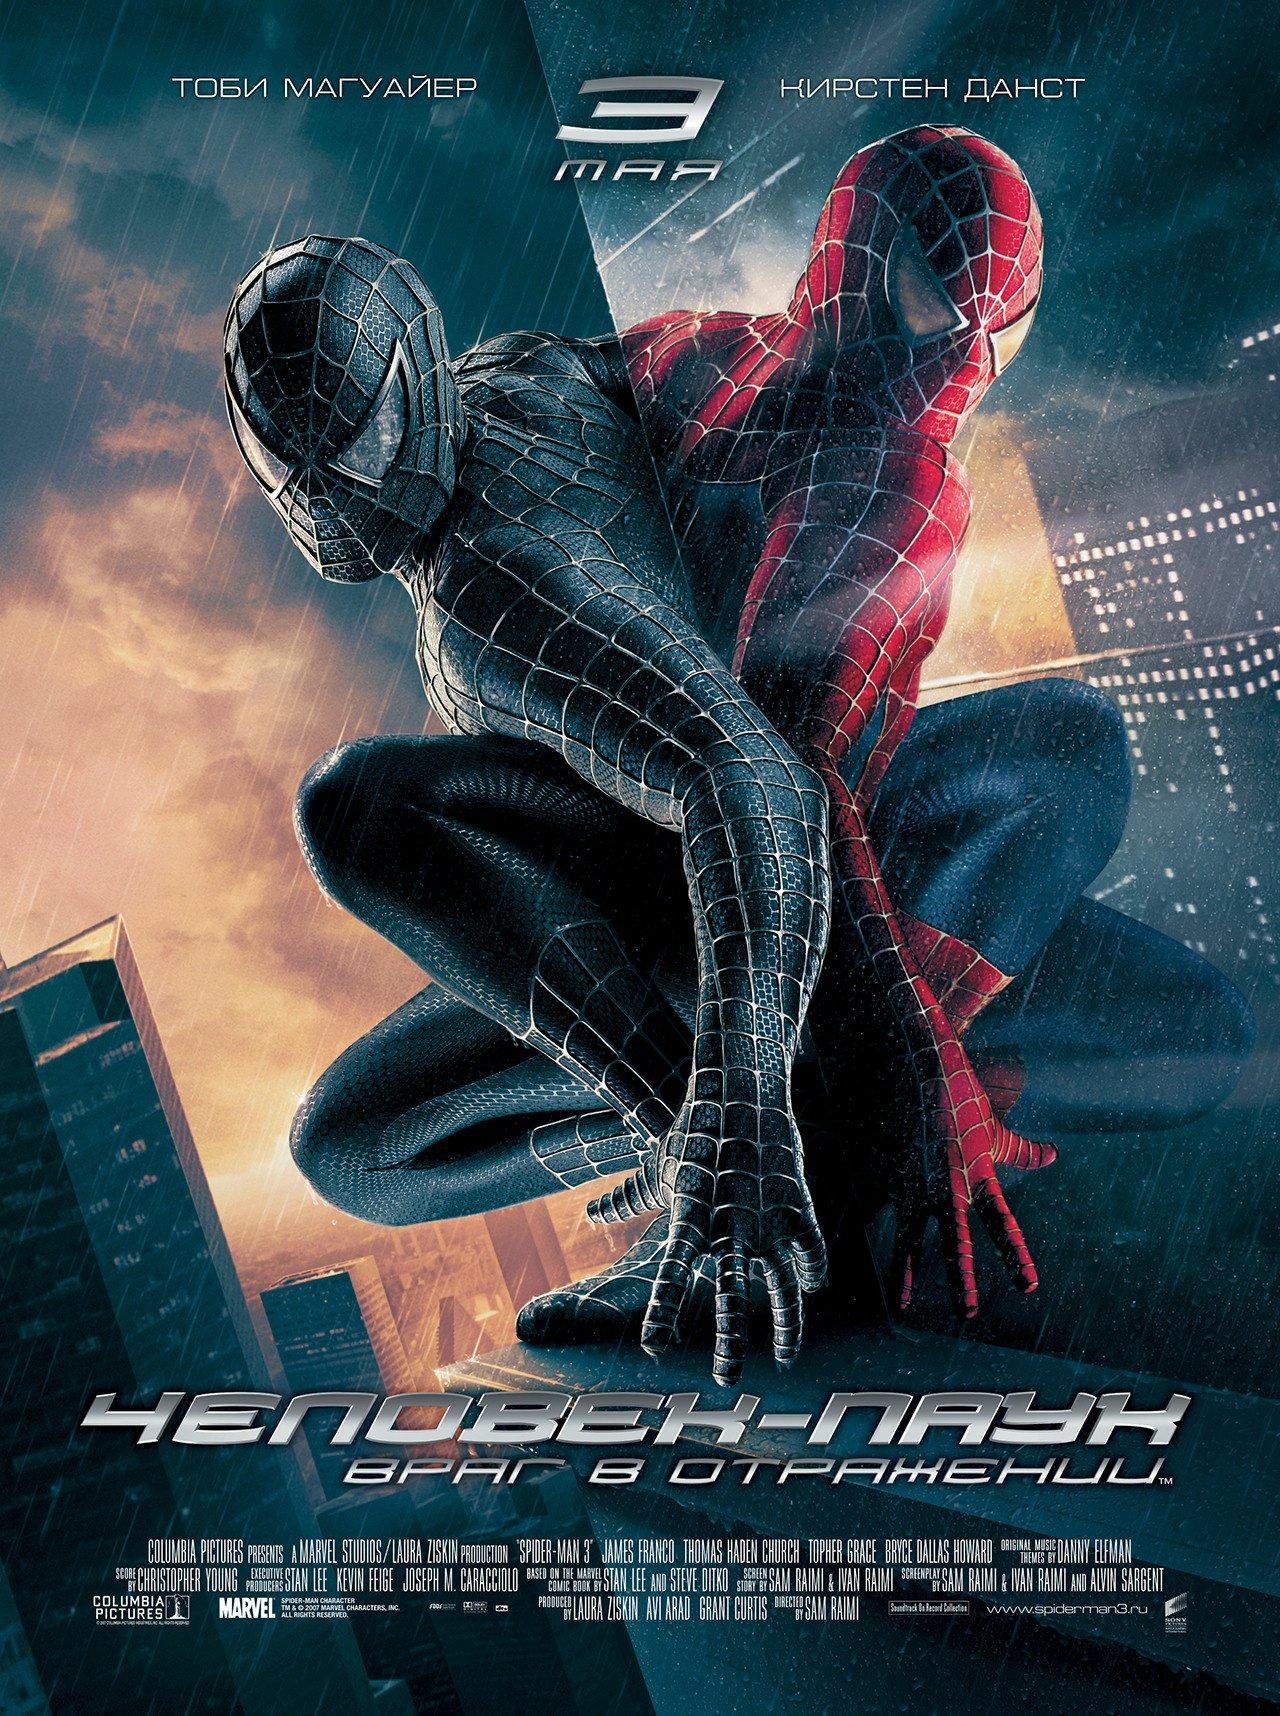 spider man 3 2007 poster. Black Bedroom Furniture Sets. Home Design Ideas